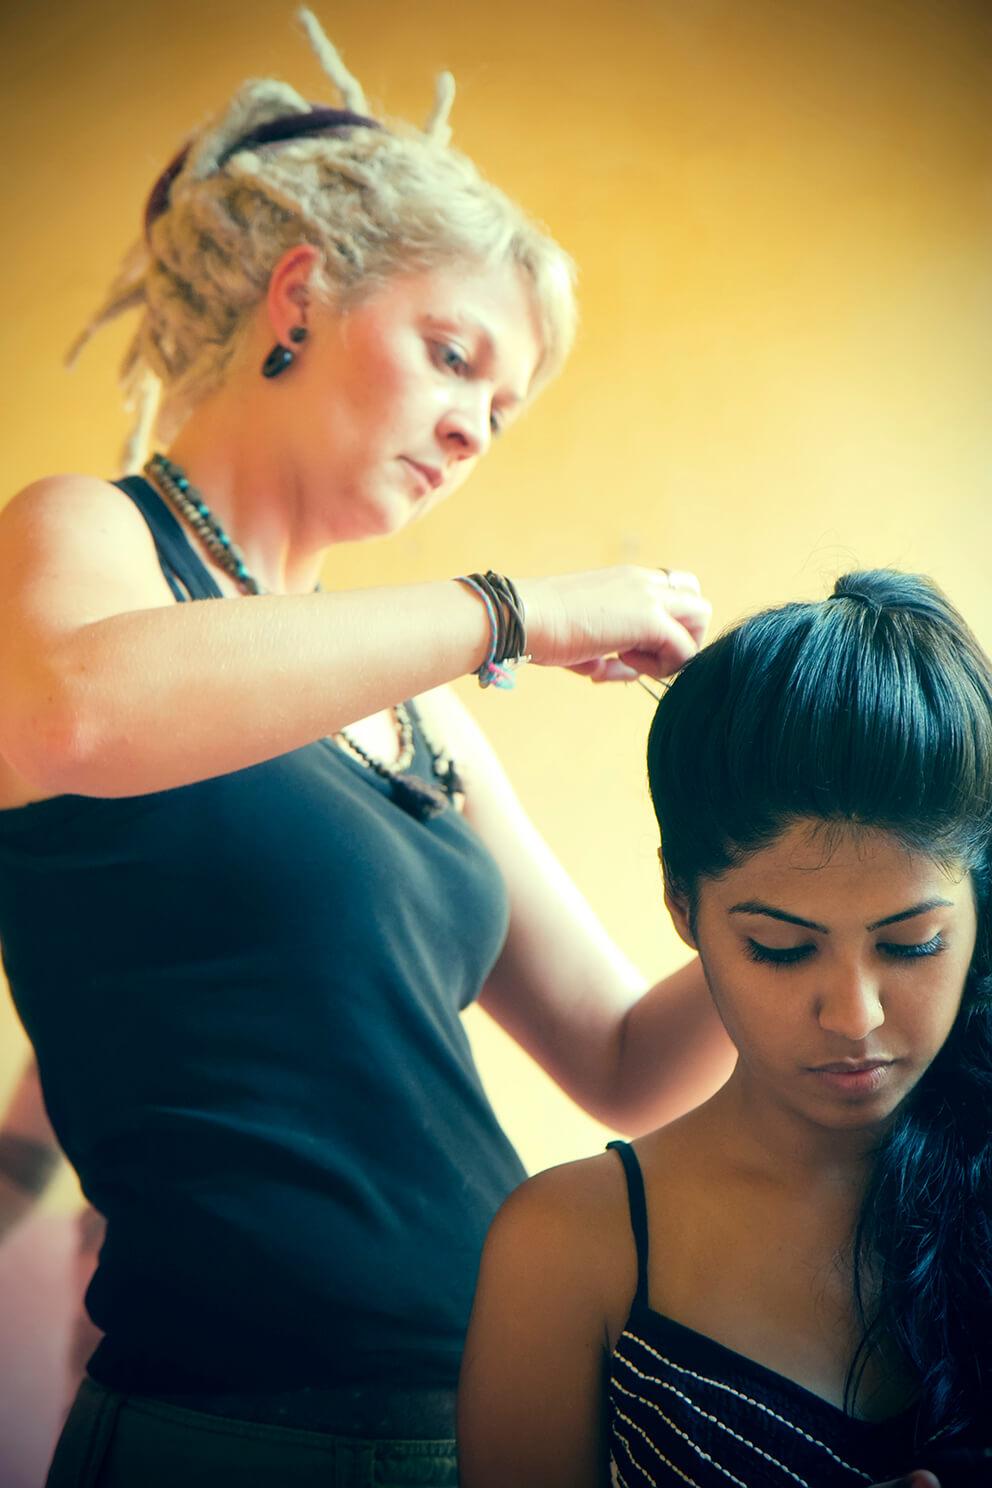 haute coiffure pour le défilé slow fashion de takla makan à Pondicherry en Inde